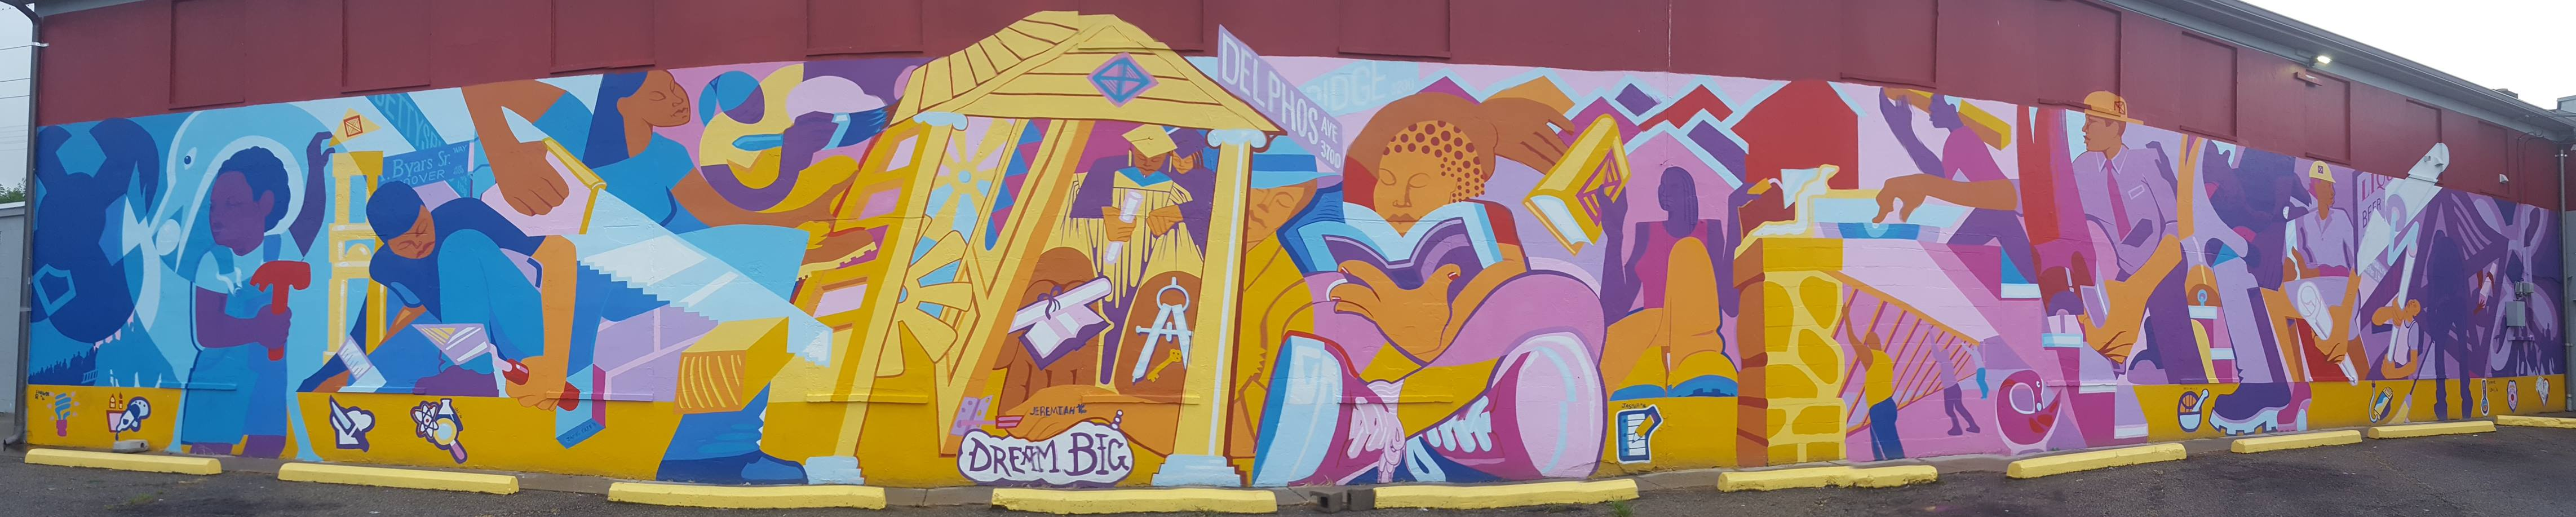 Dayton Mural